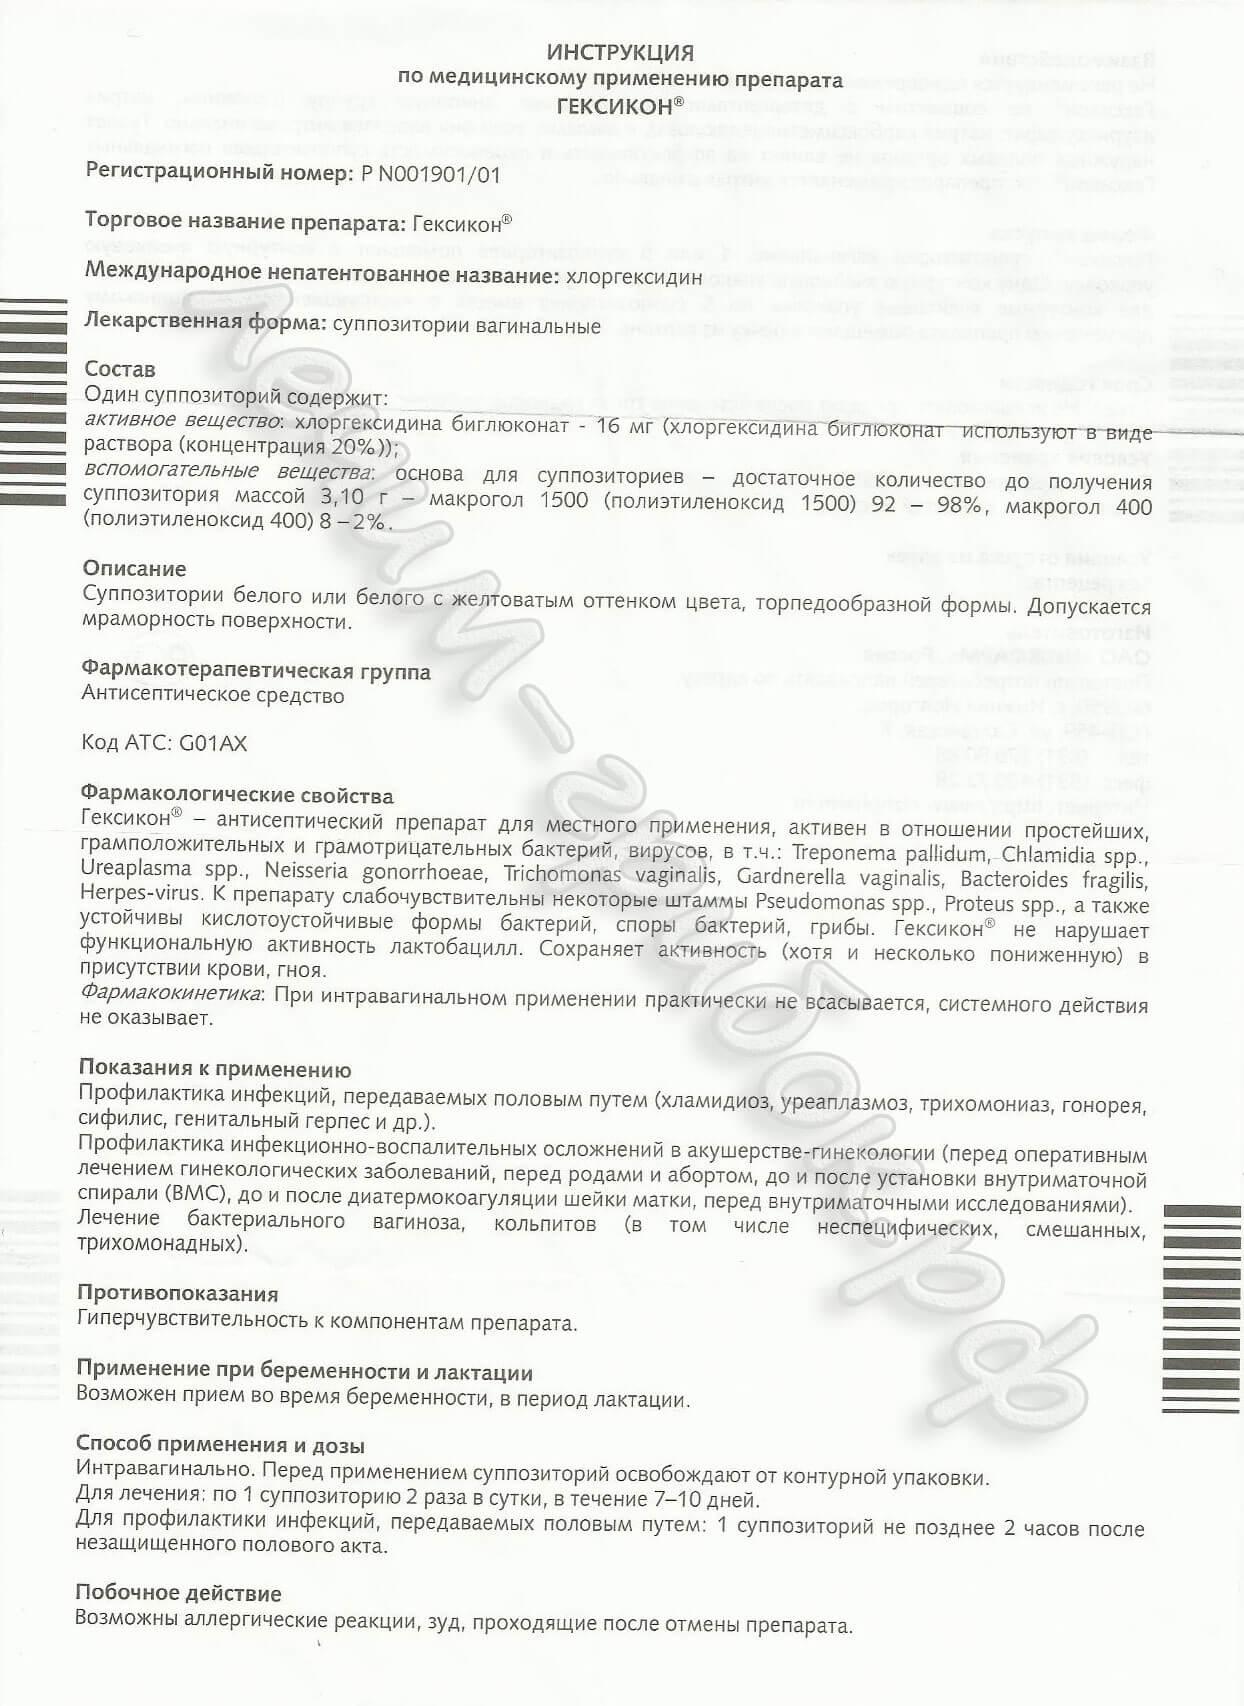 Lenka Panteleev: karakterler ve kısa bir özet. Lenka Panteleev, ShKID Cumhuriyetinin yazarıymış 2